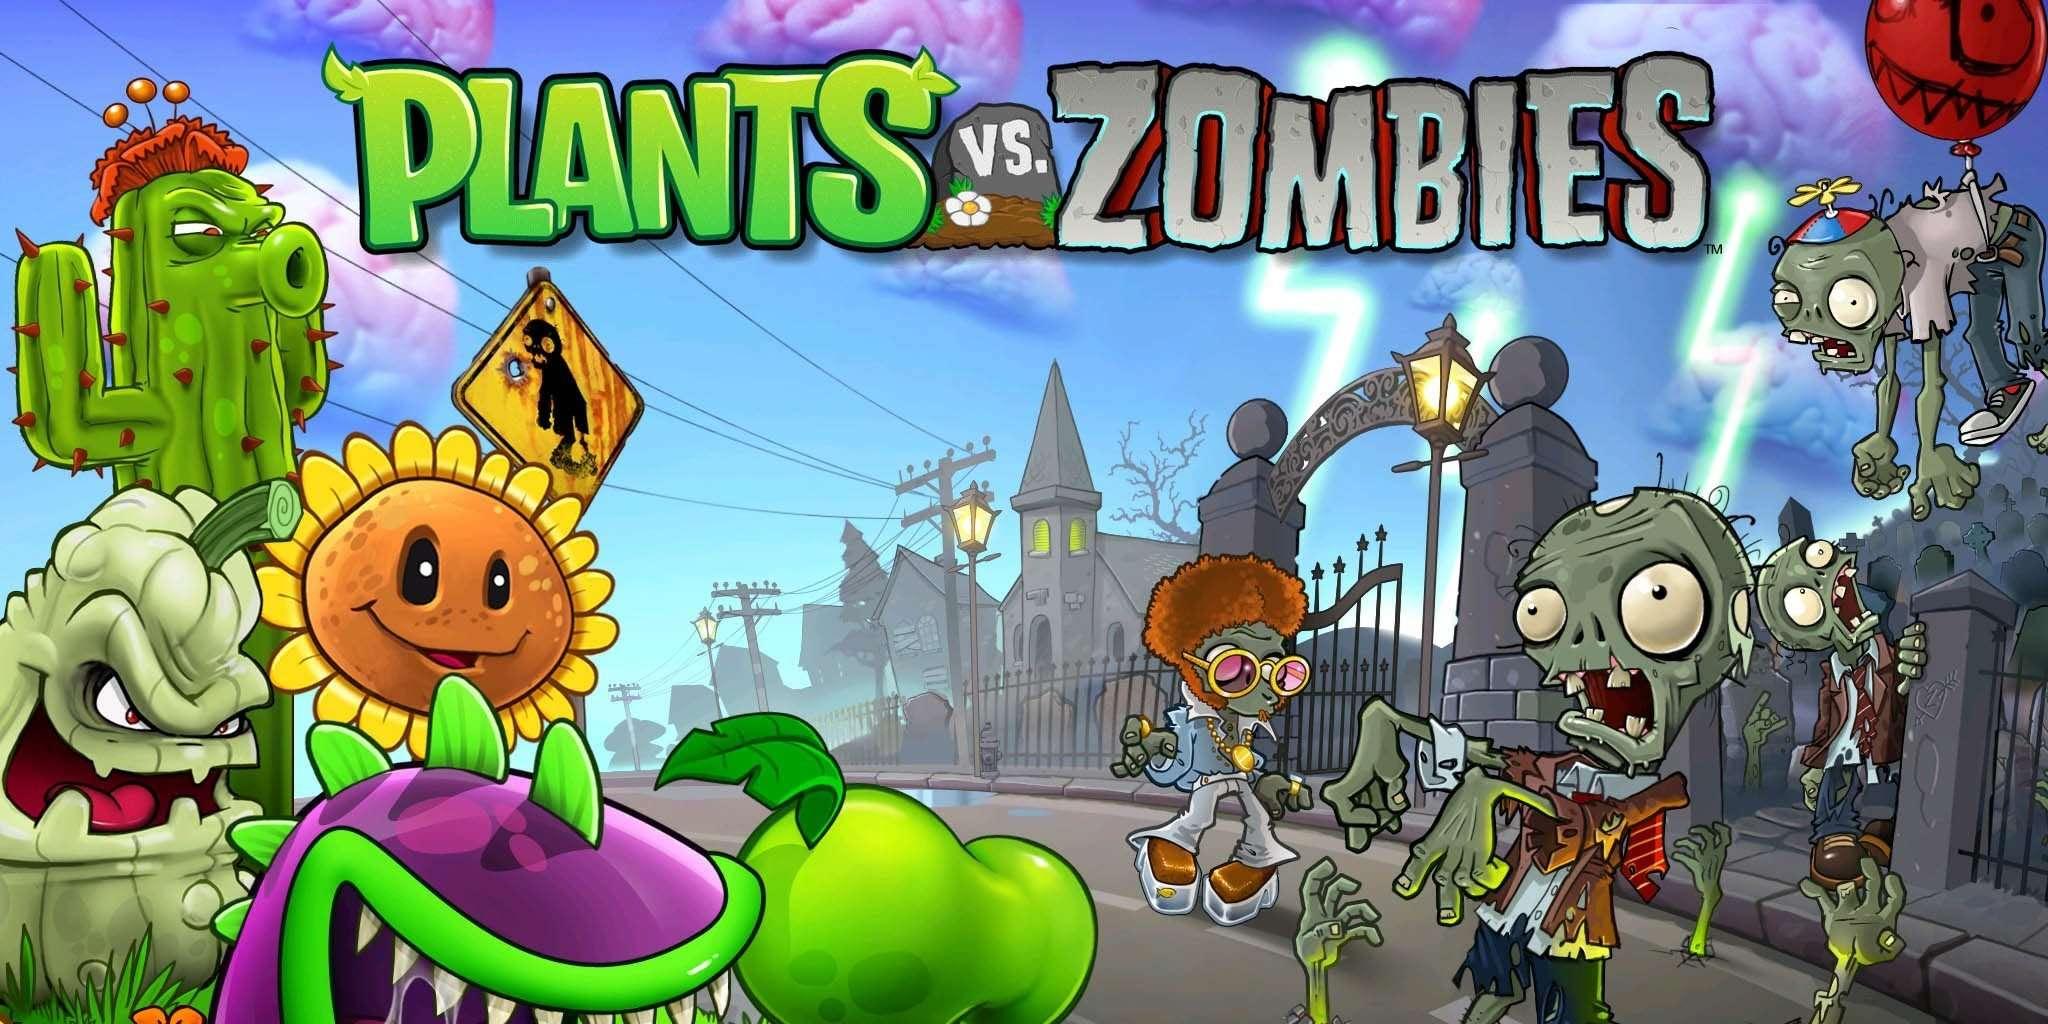 Создателя Plants vsZombie сократили закритикуEA